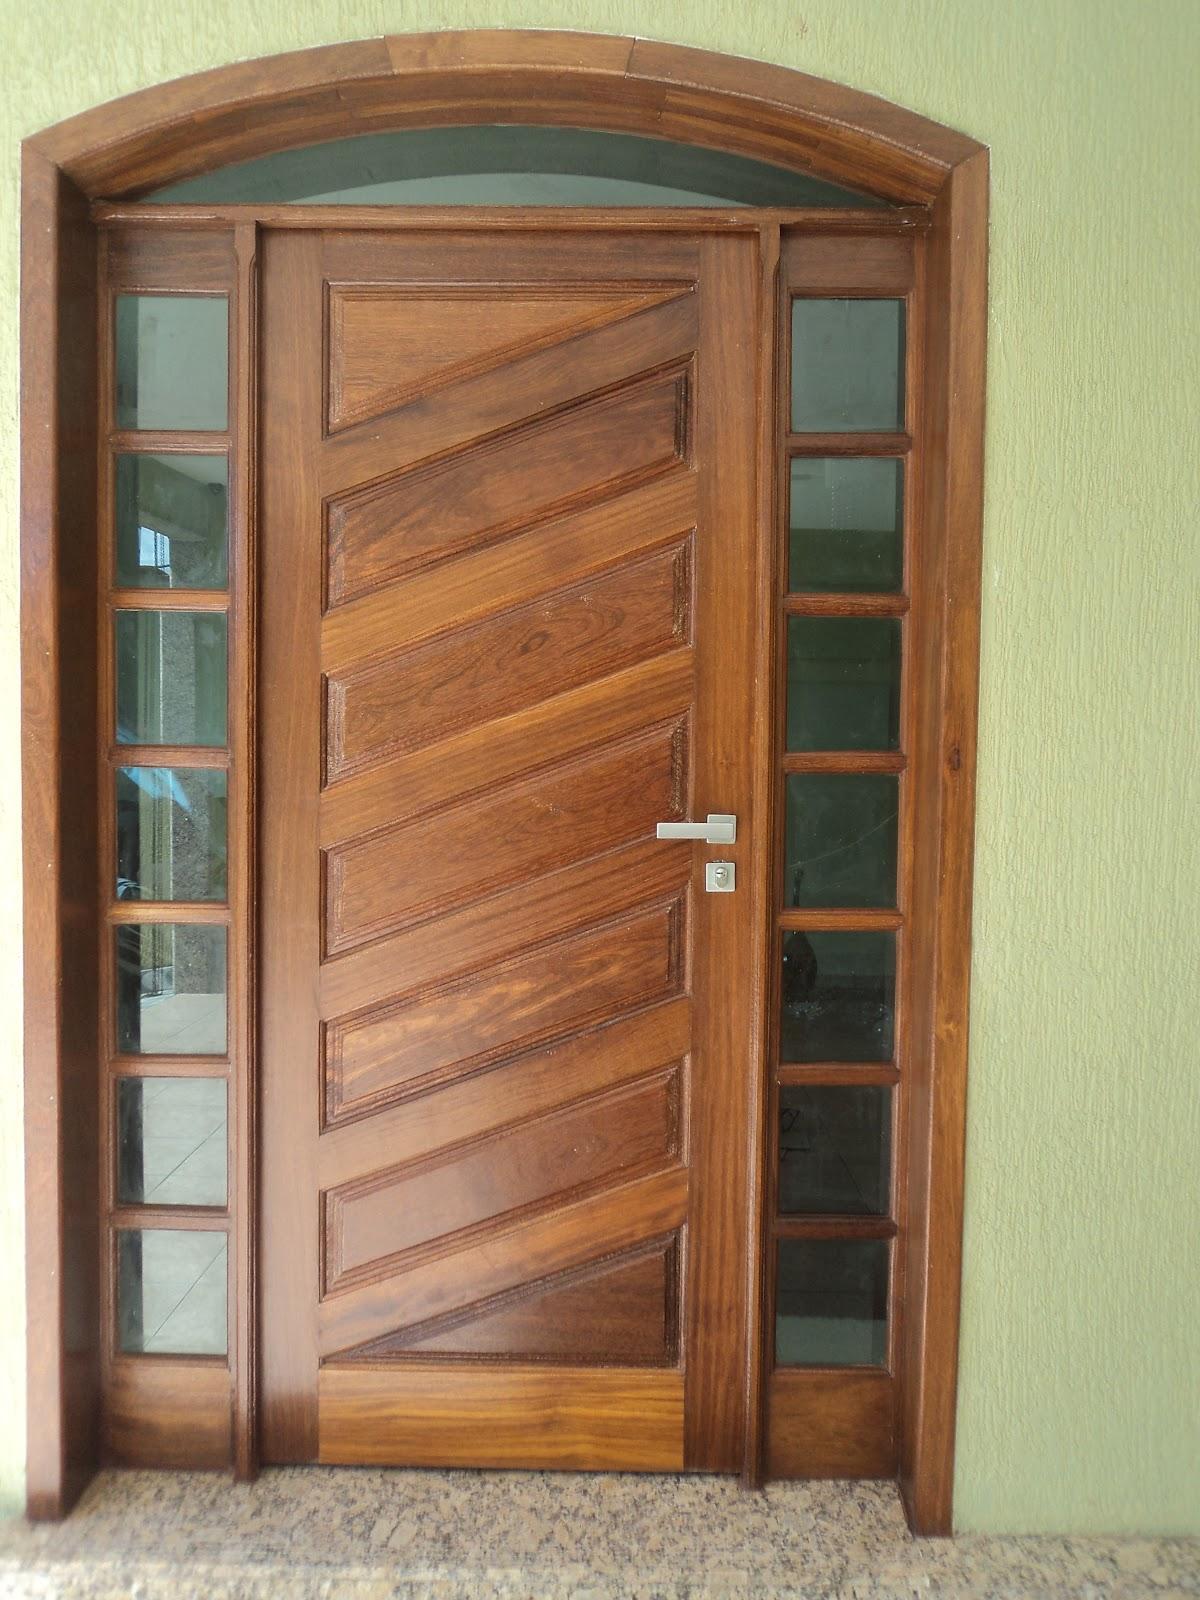 #936038 Portas E Janelas De Vidro 1024x768 Portas E Janelas De Vidro LZK  1236 Portas E Janelas De Vidro Usados